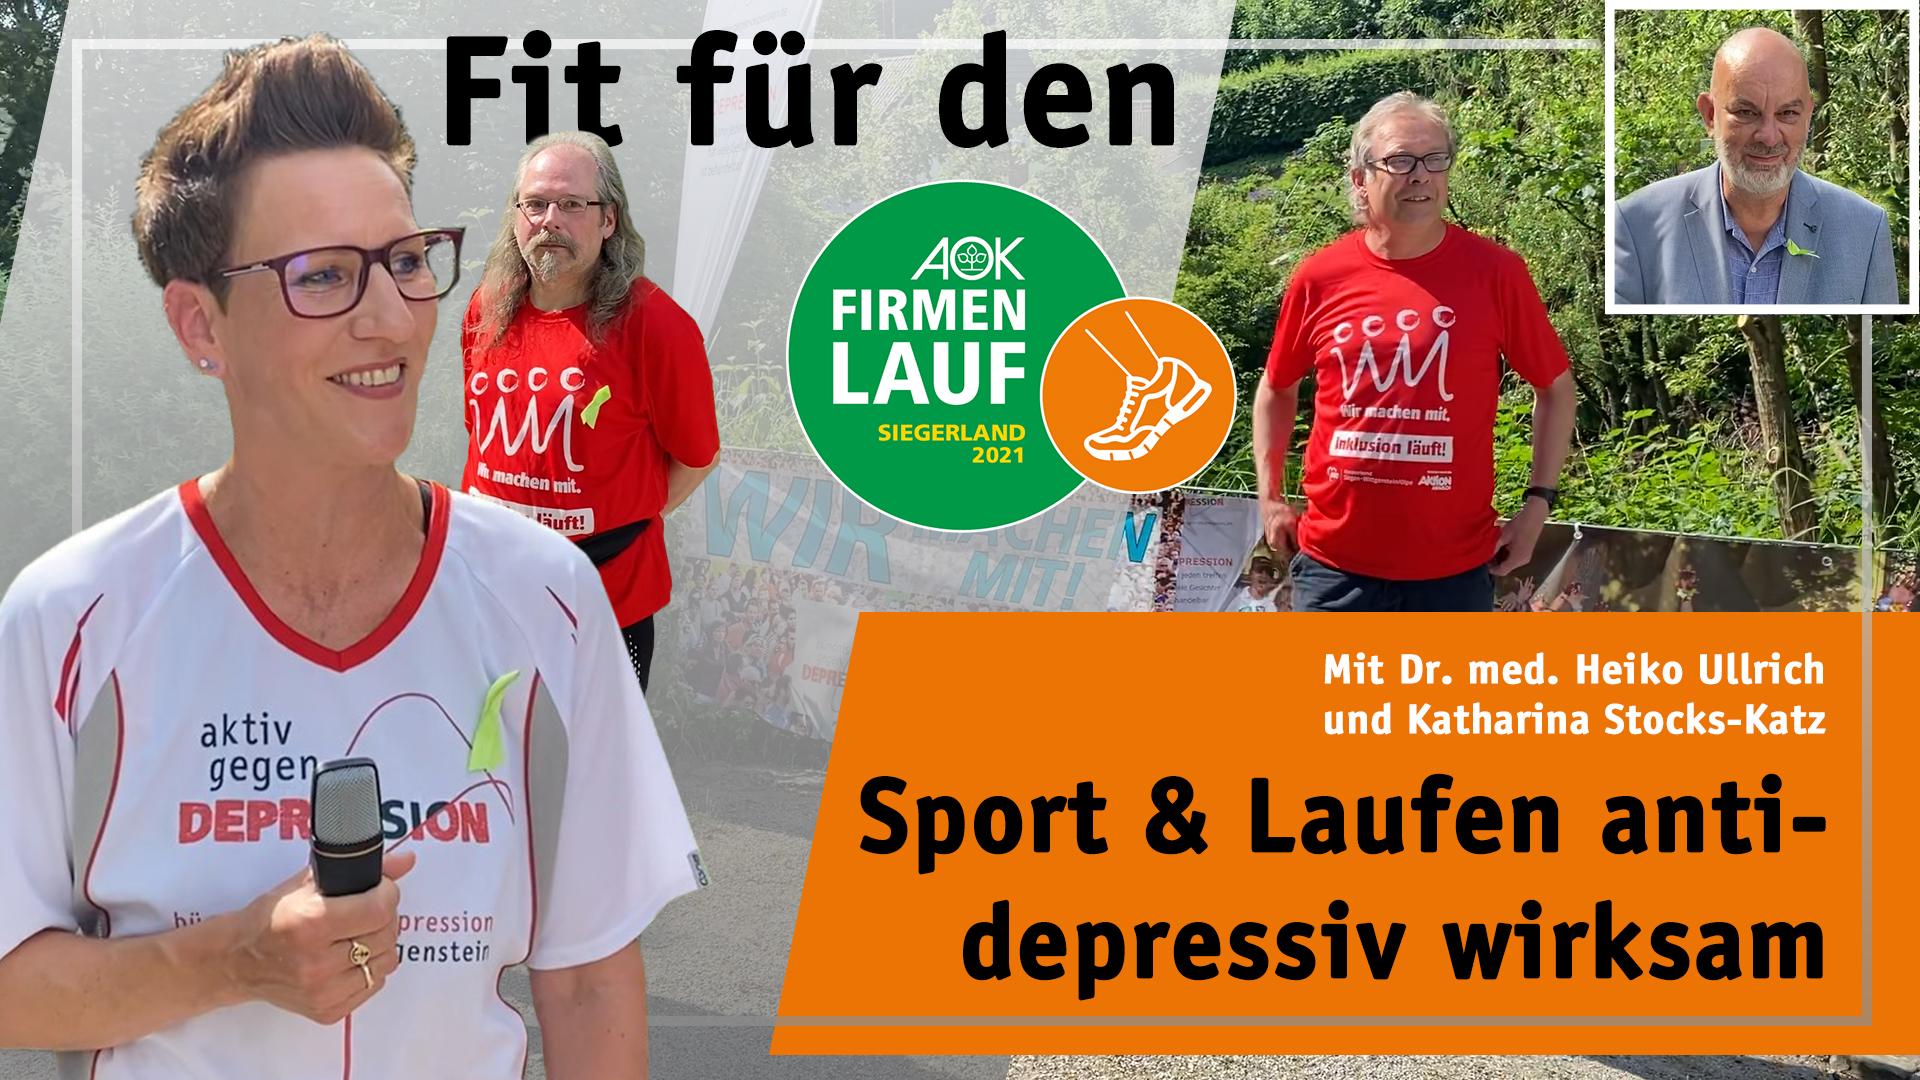 Sport & Laufen antidepressiv wirksam